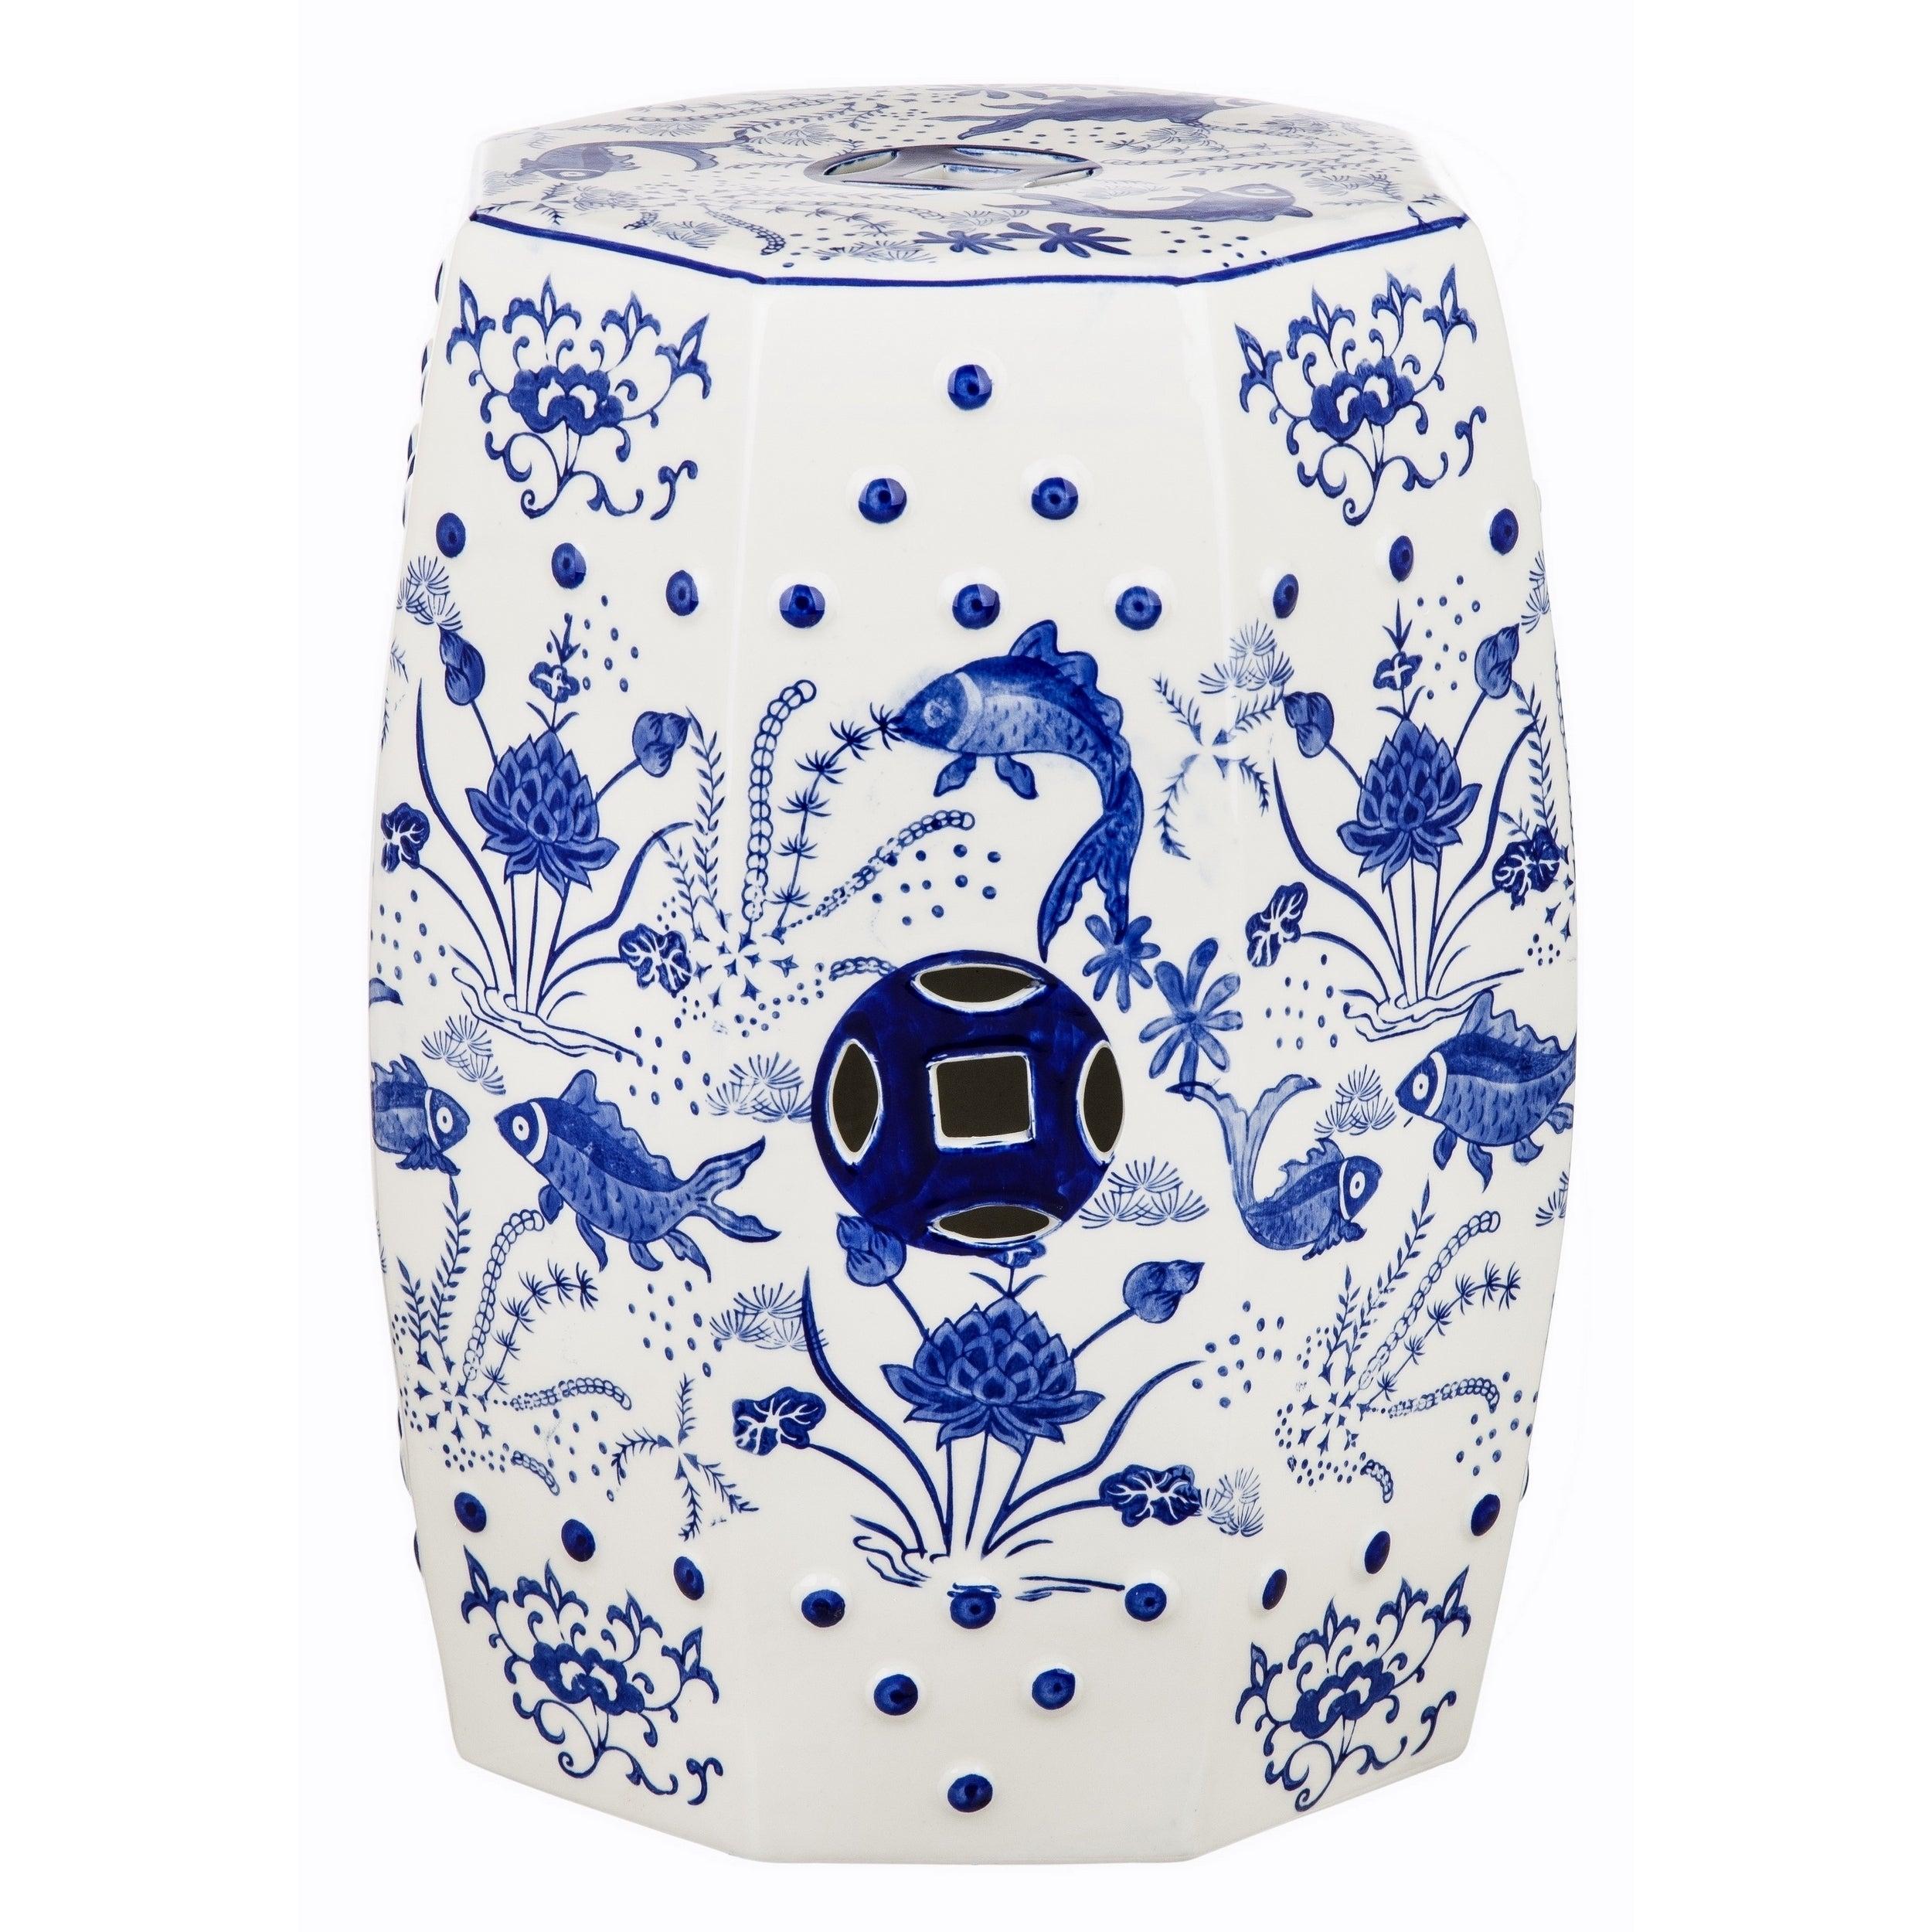 Safavieh Cloud 9 Chinoiserie Blue Garden Stool (ACS4557A)...